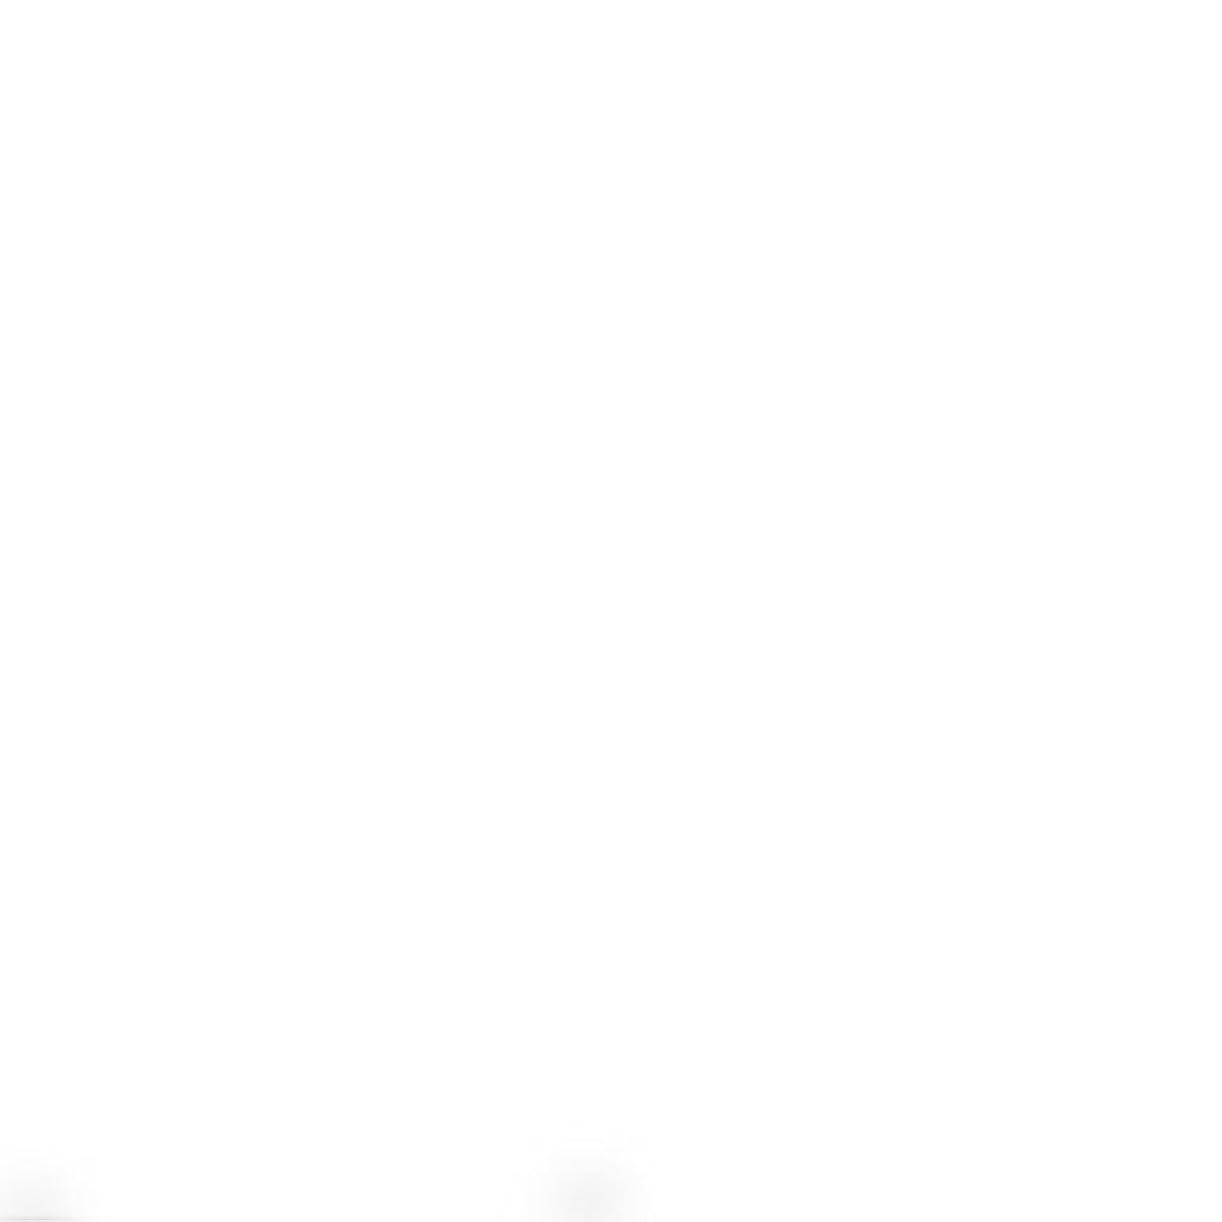 後退するバルコニーバーチャルNeutrogena ニュートロジーナ ウェットスキン キッズ 日焼け止めセット (チューブタイプ) [並行輸入品]